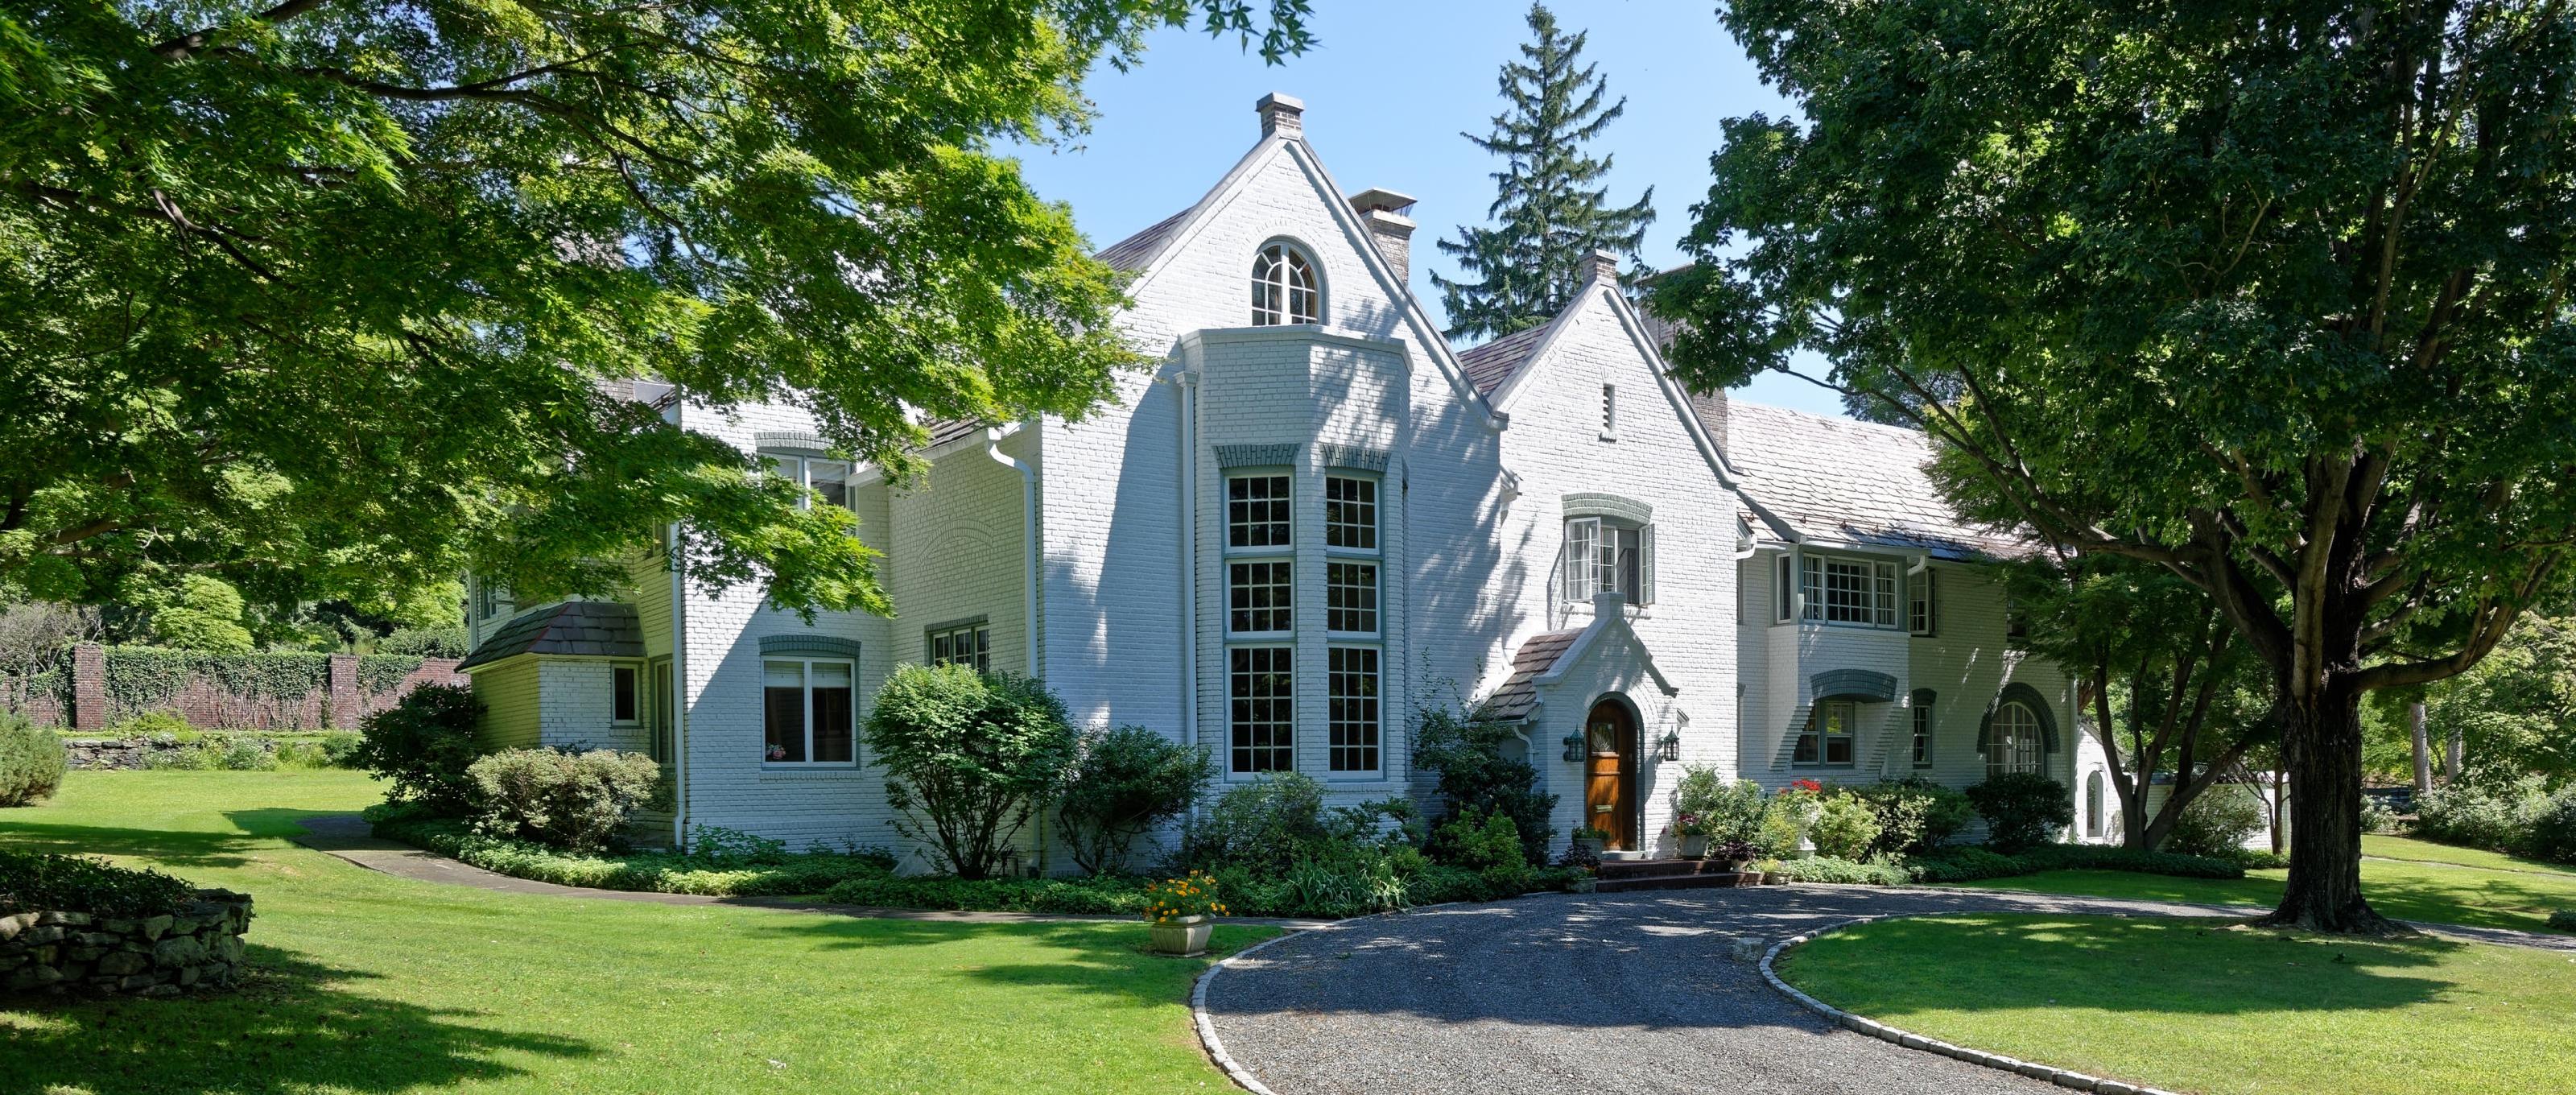 Villa per Vendita alle ore Magnificent country manor 1 Belmont Drive Irvington, New York 10533 Stati Uniti